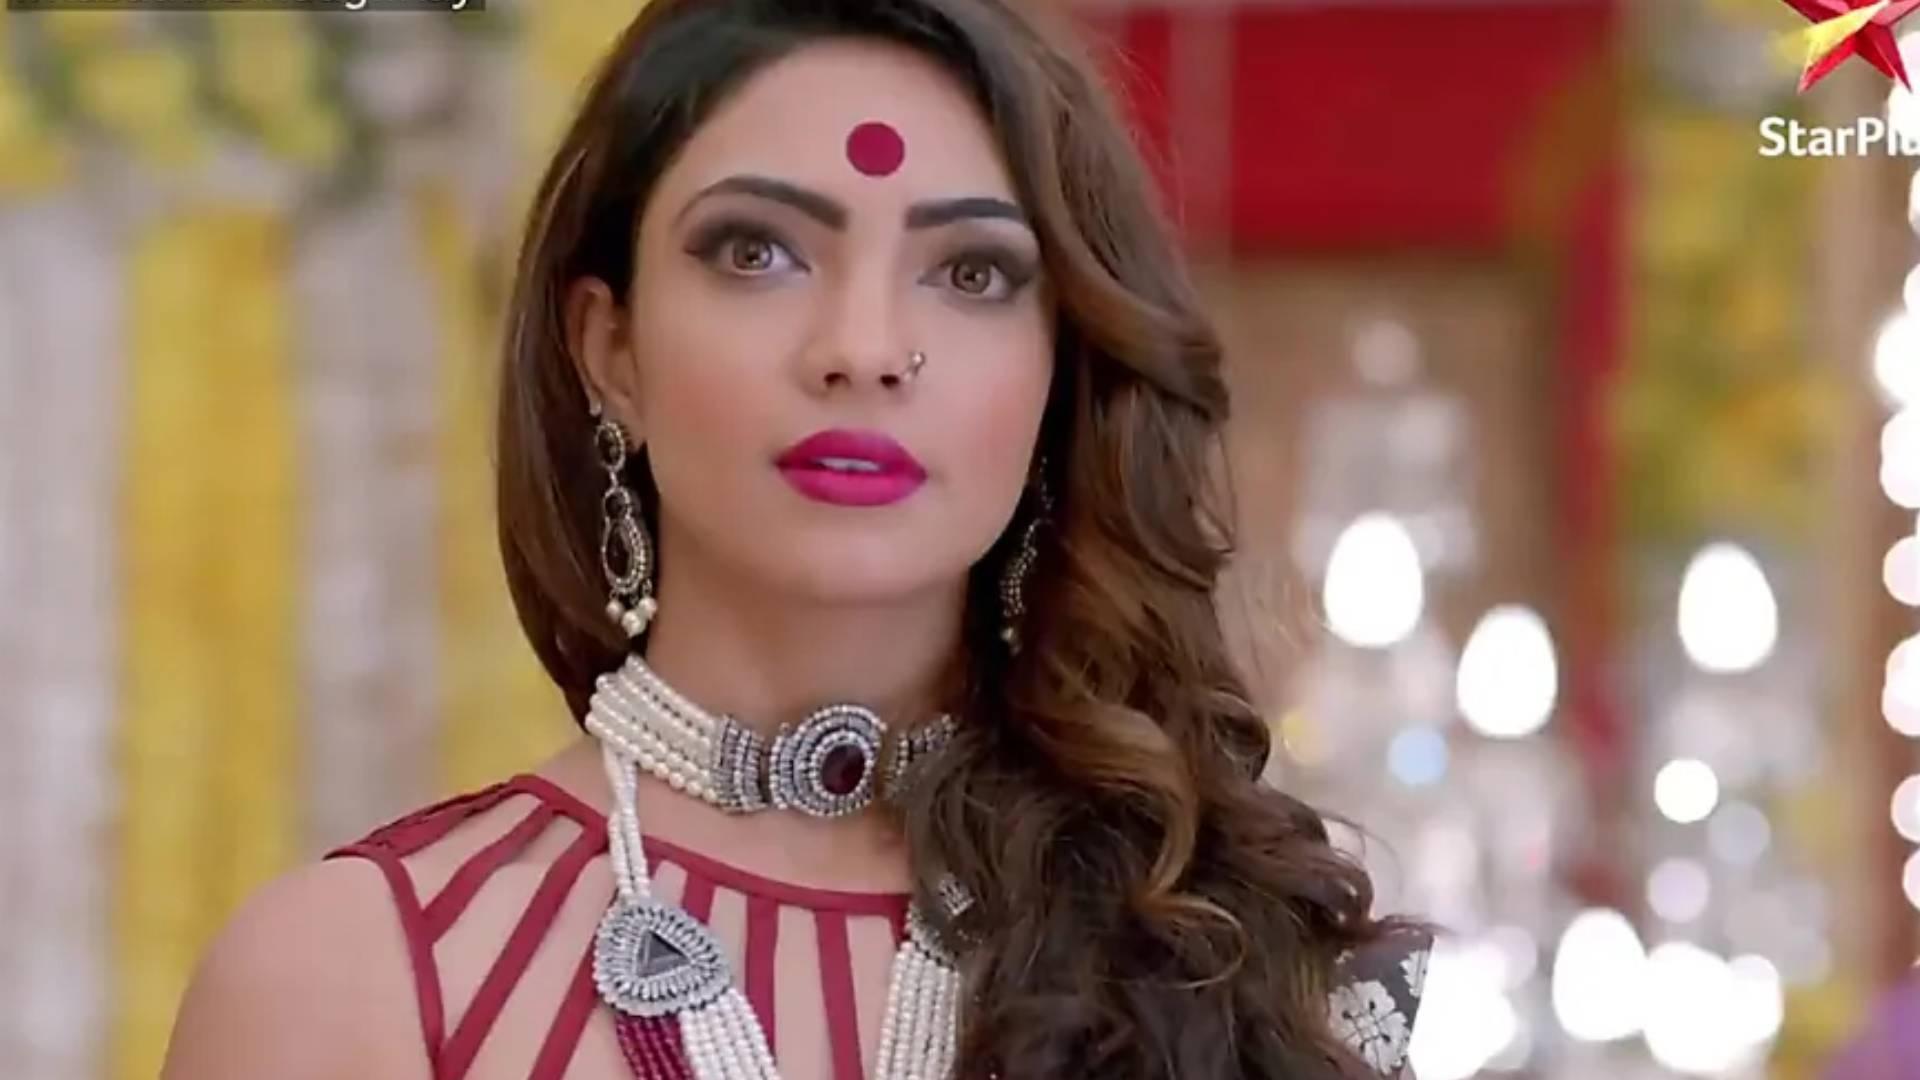 नच बलिए 9 के सेट पर हुए हादसे के बाद पूजा बनर्जी का छलका दर्द, बताया चोट लगने के बाद चली गई थी याददाश्त